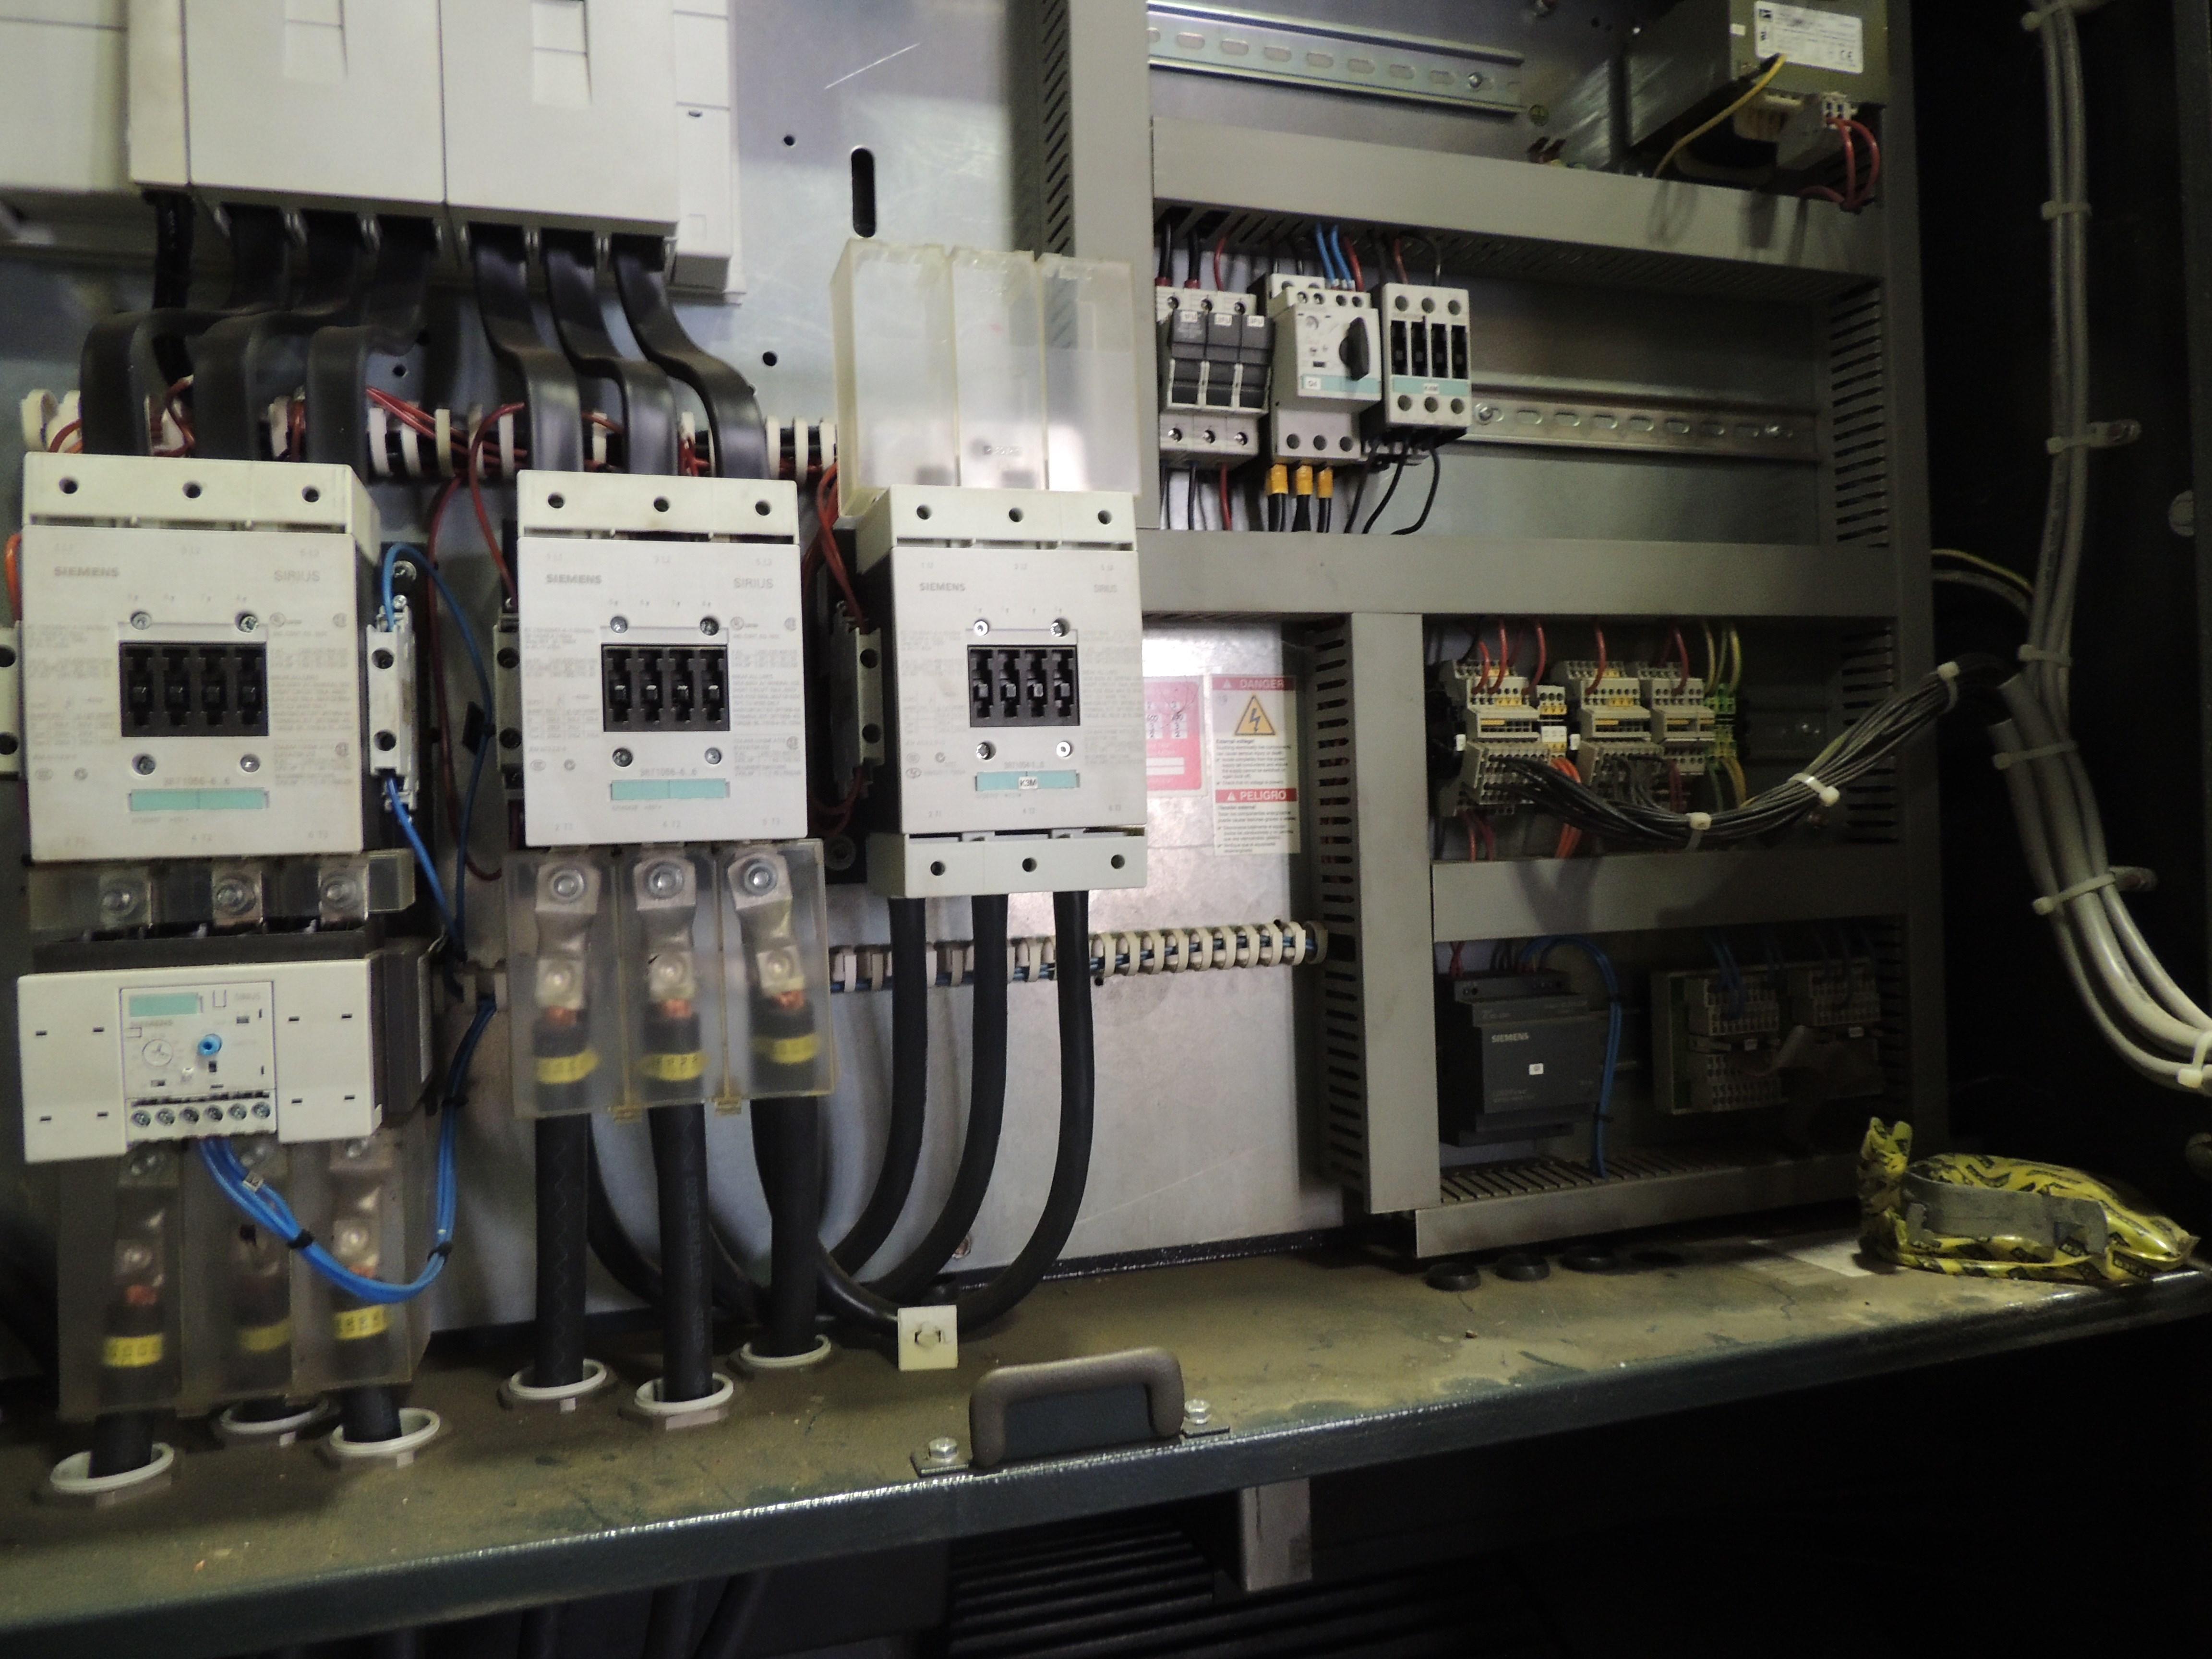 www.phxequip.com/Multimedia/images/equipment/origi... Kaeser Wiring Diagrams on